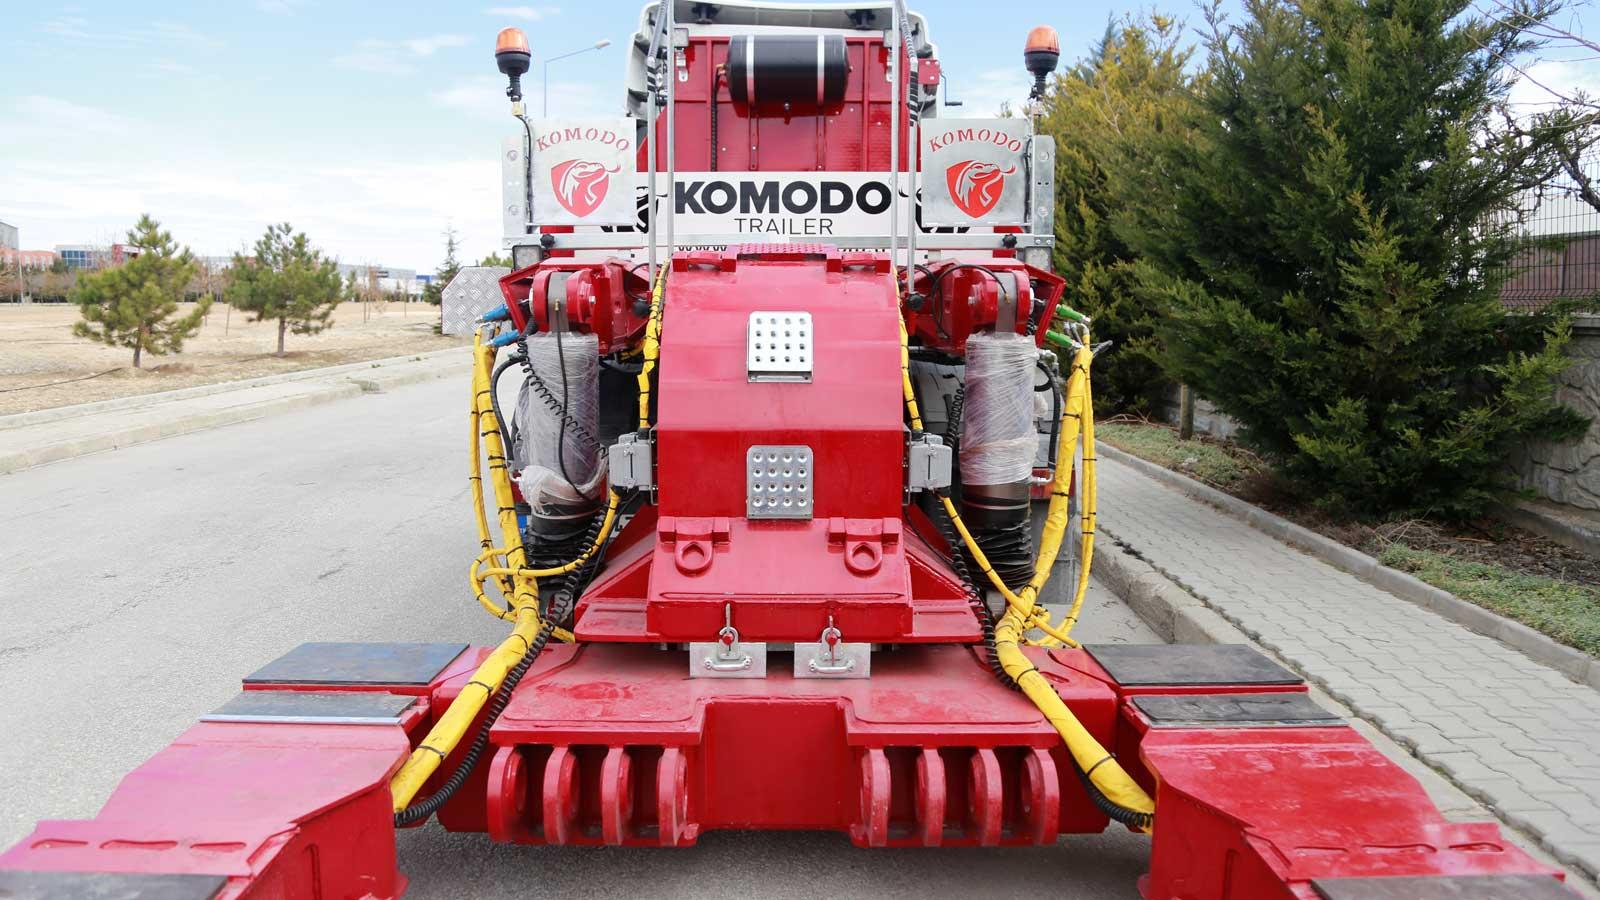 La tecnologia di Komodo Trailers è di alto livello